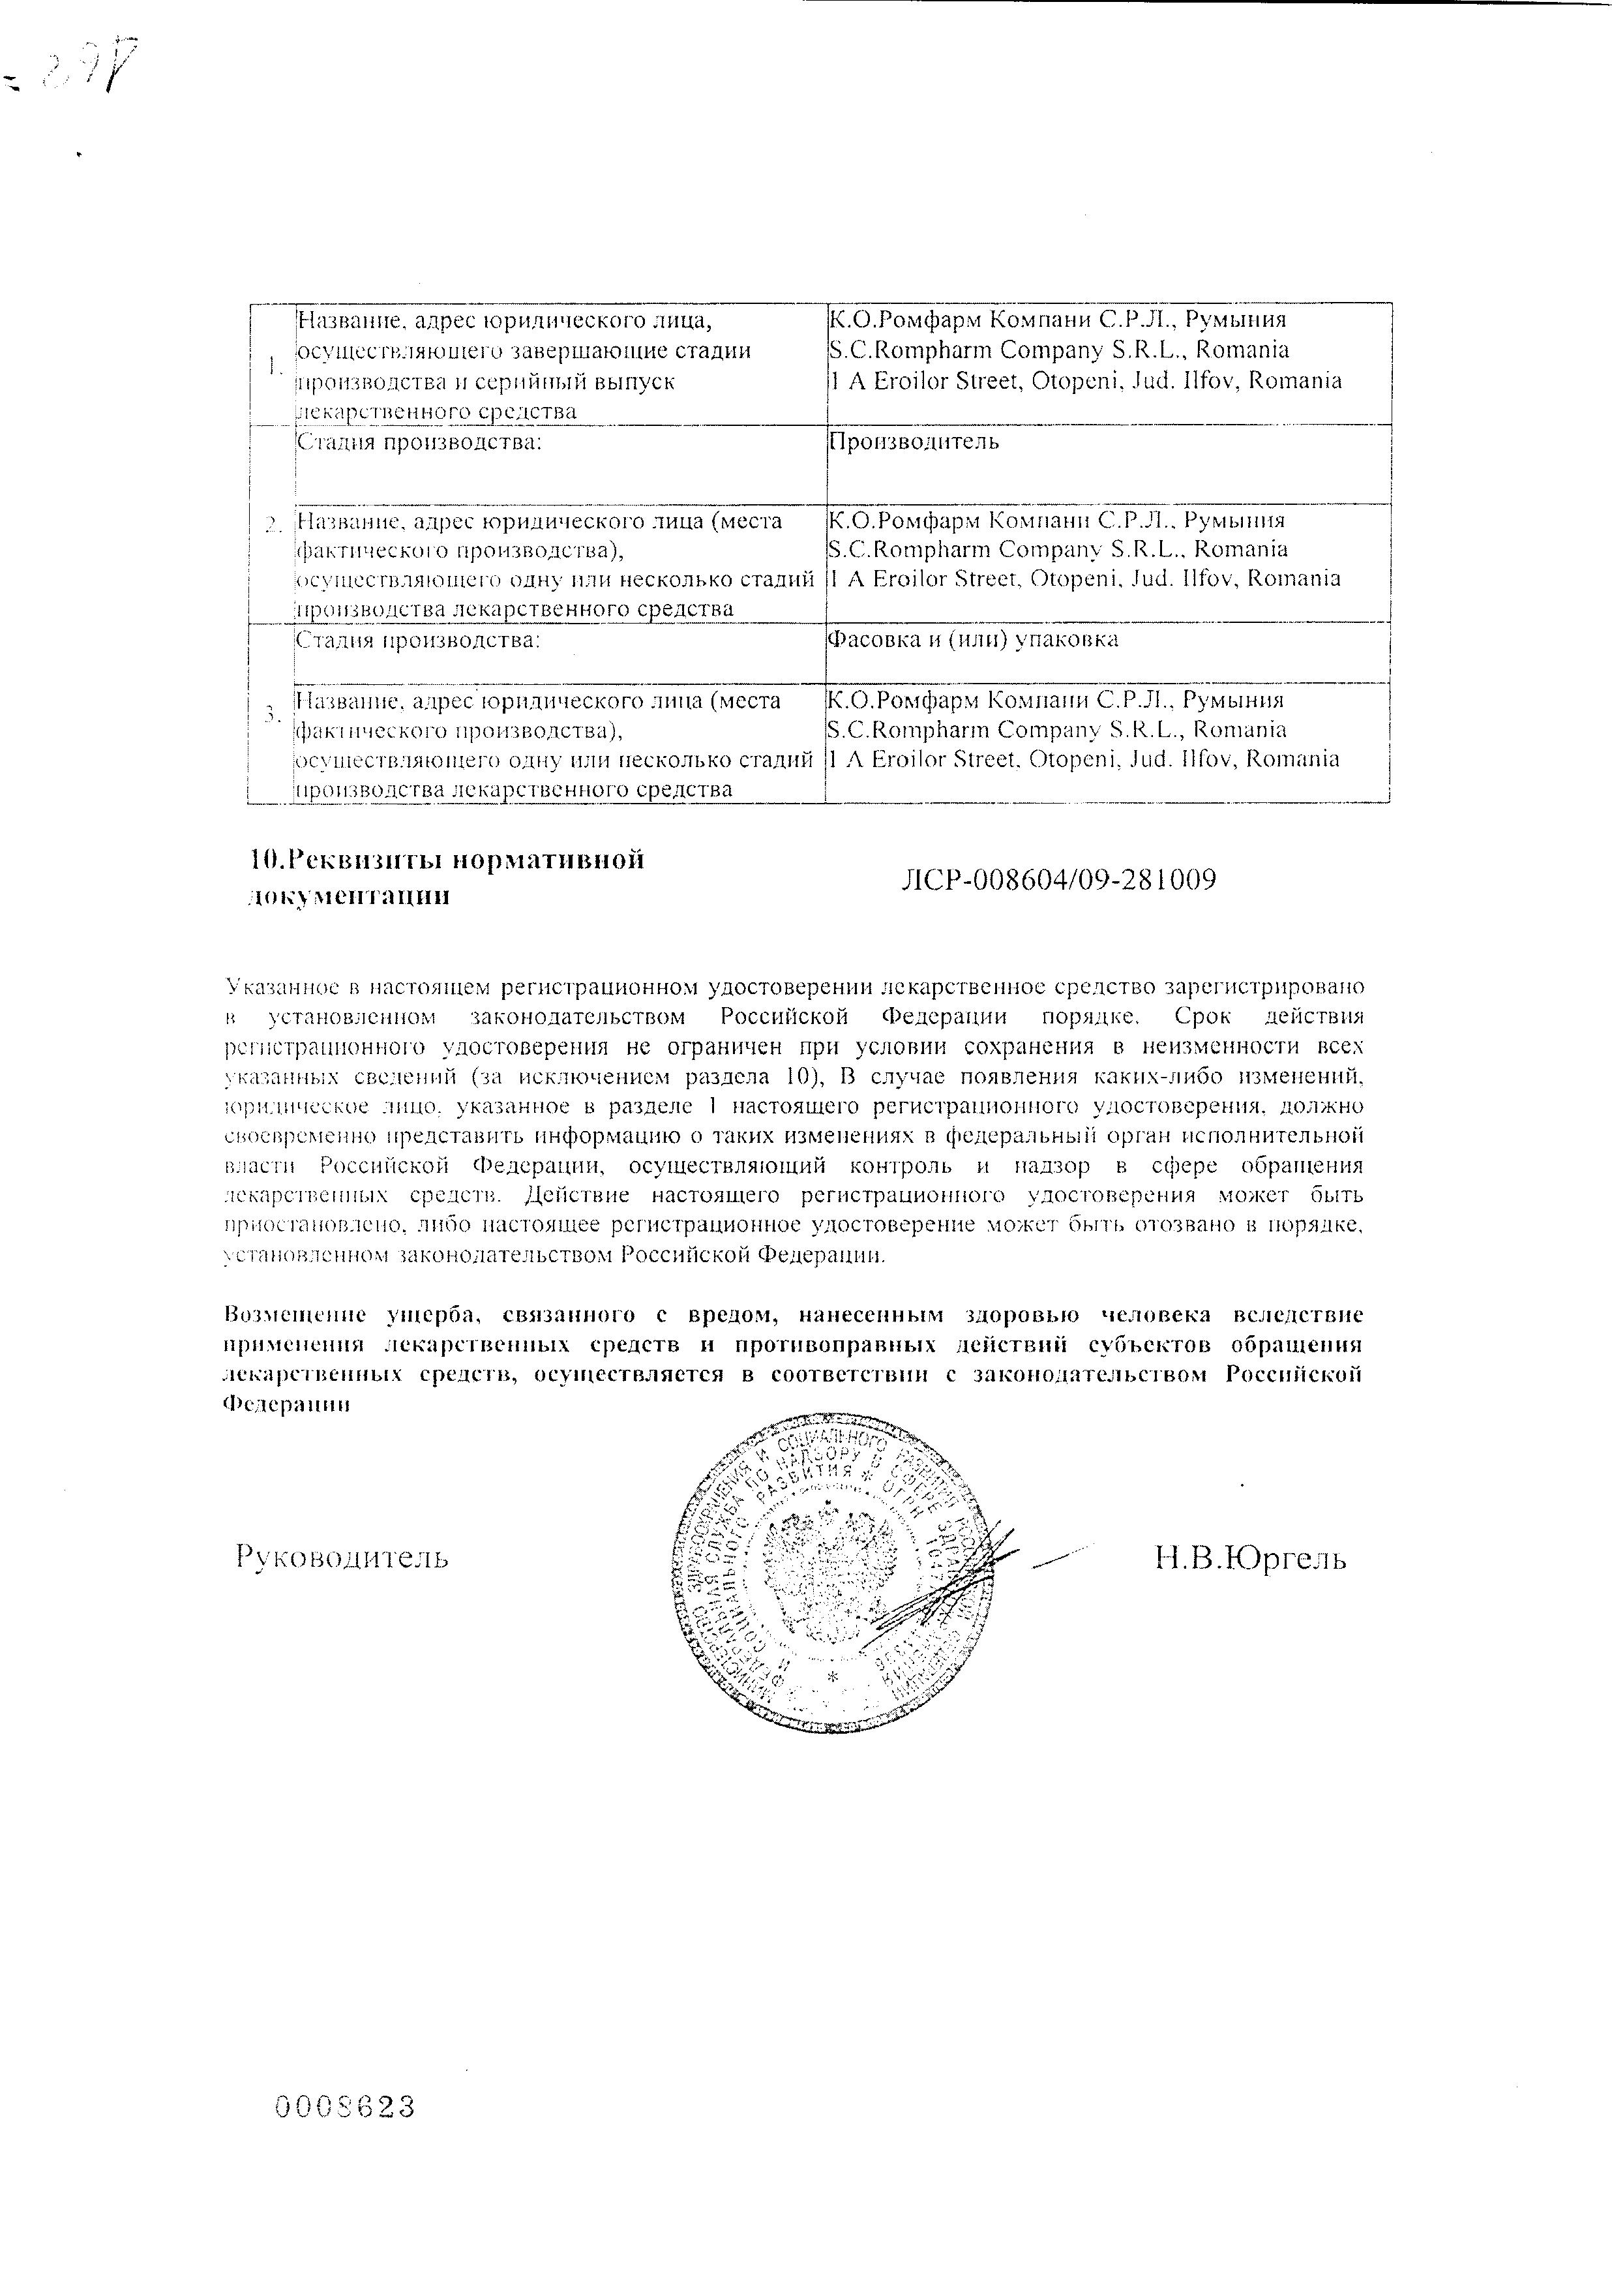 Бетофтан сертификат